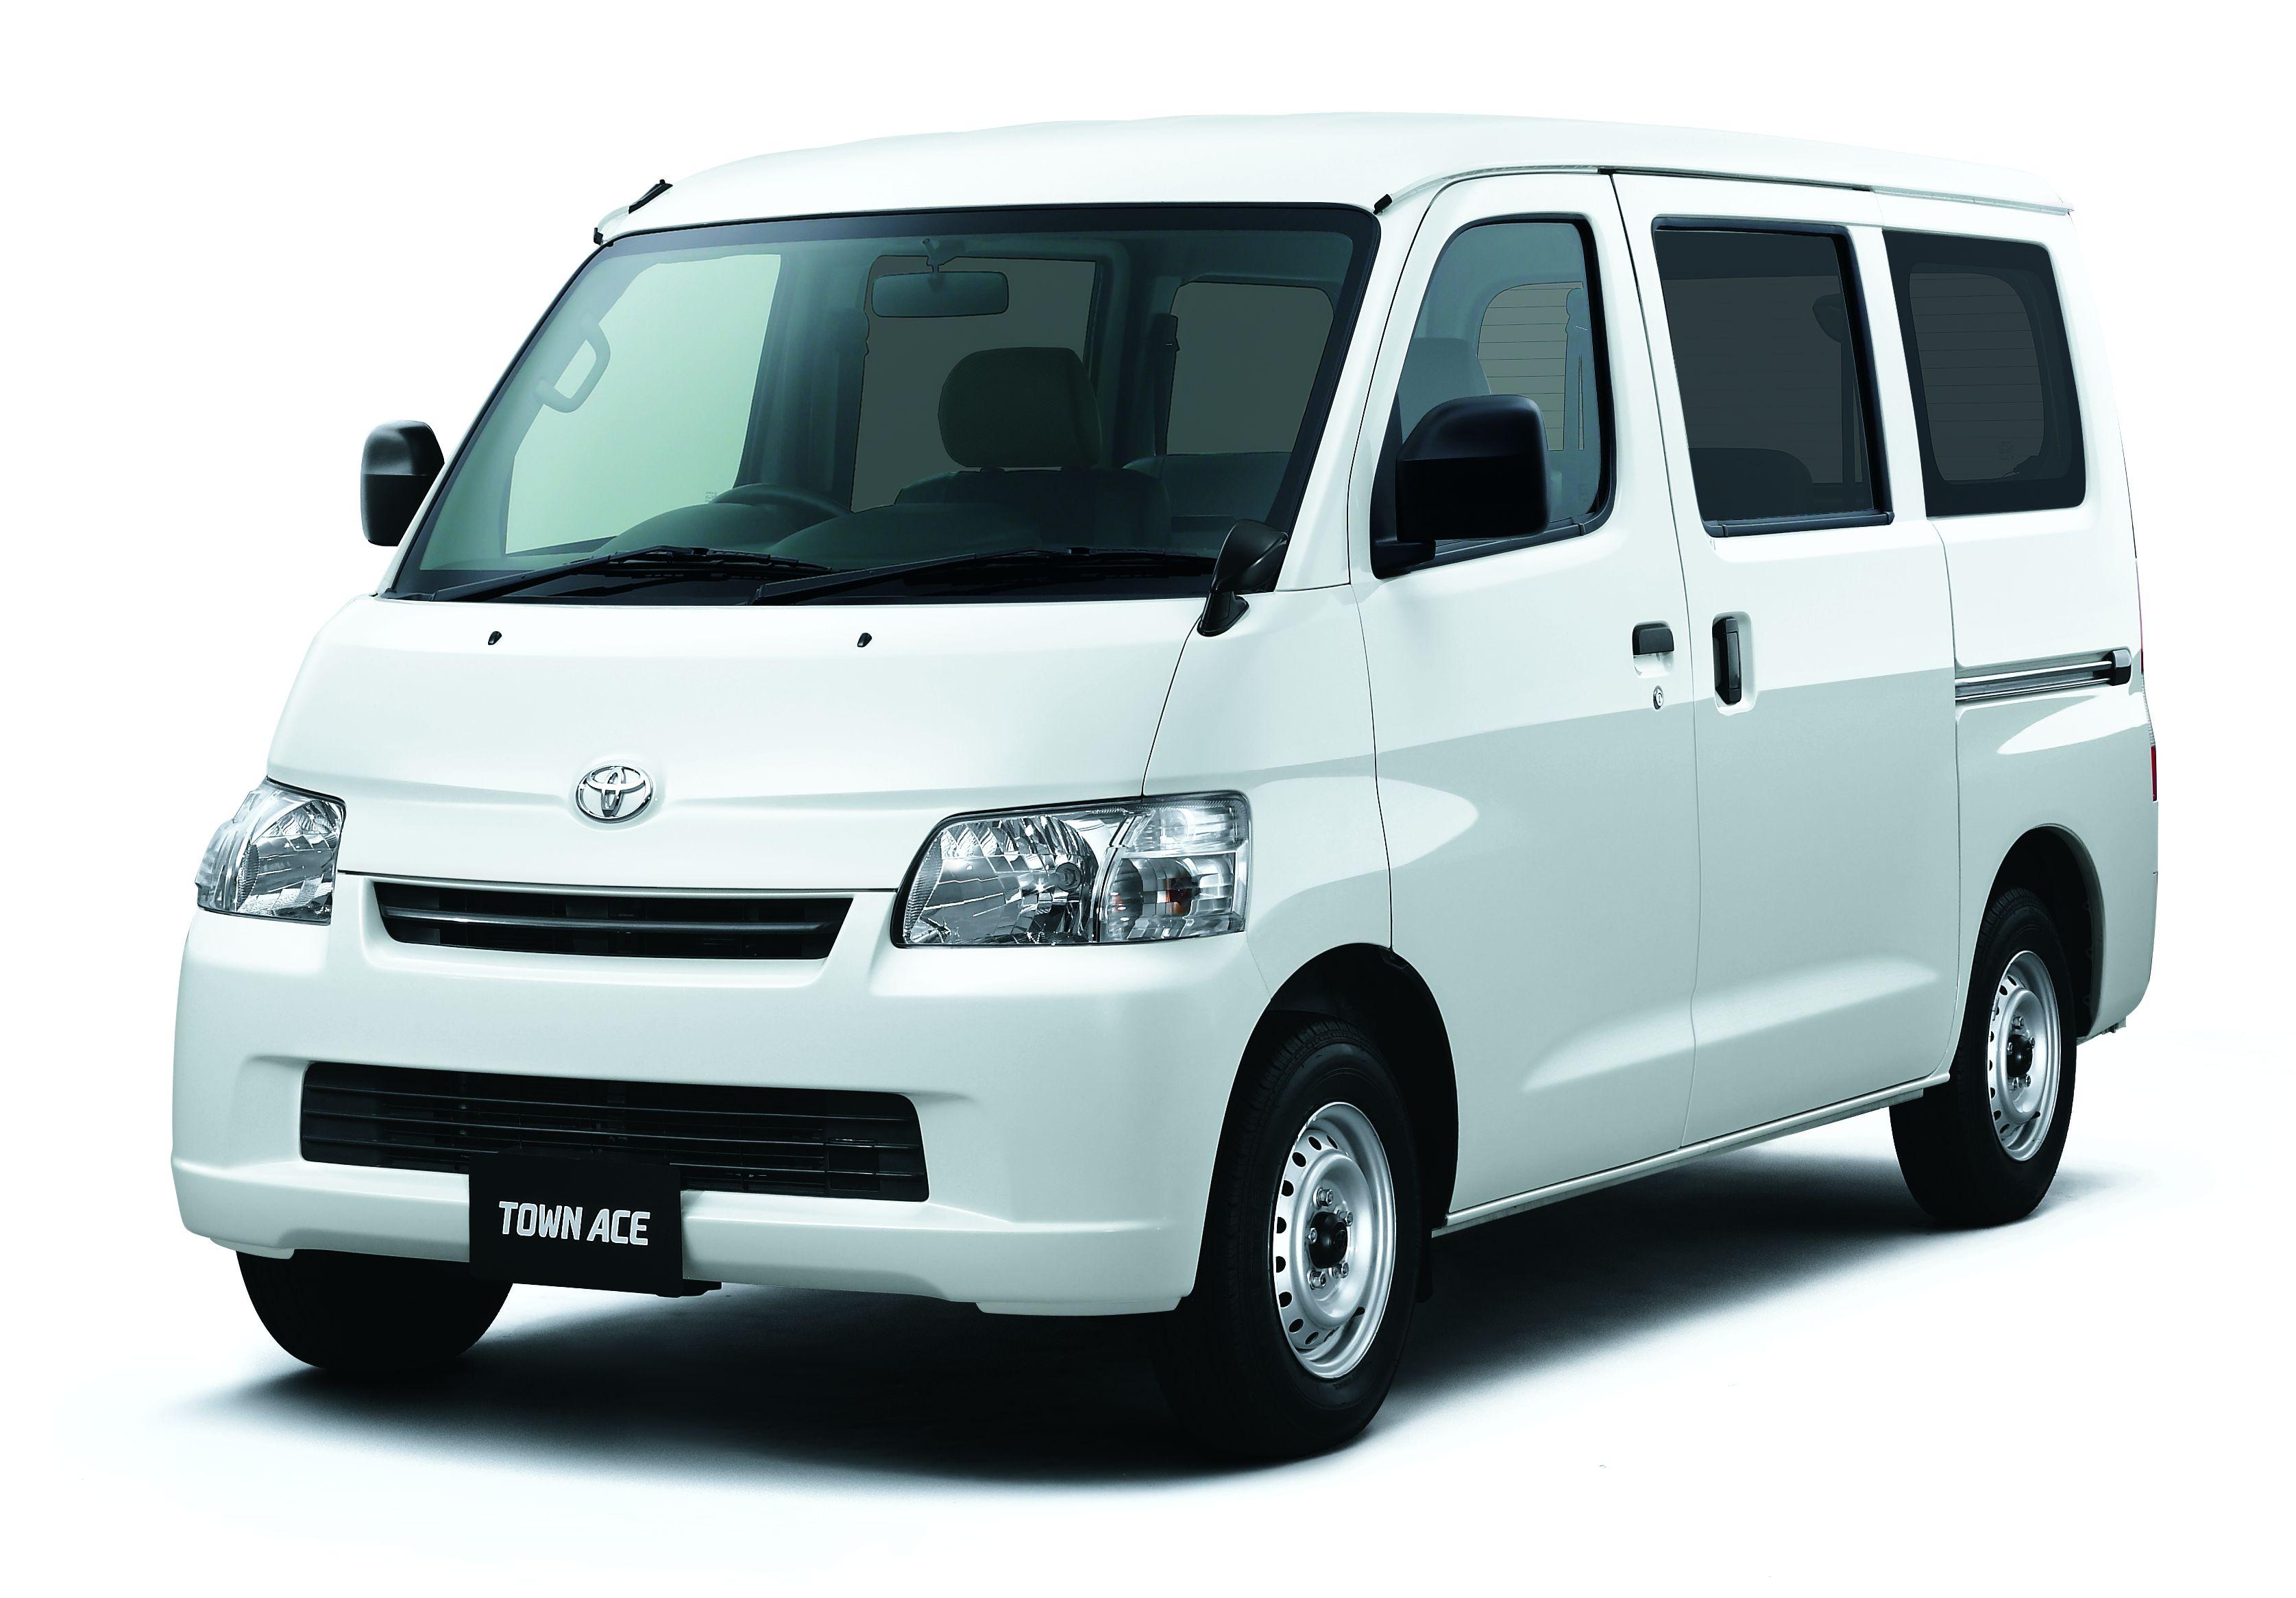 トヨタレンタカー� 5ad ��塚西店『[JAL]スタンダードプラン(ETC車載器標準装備)』